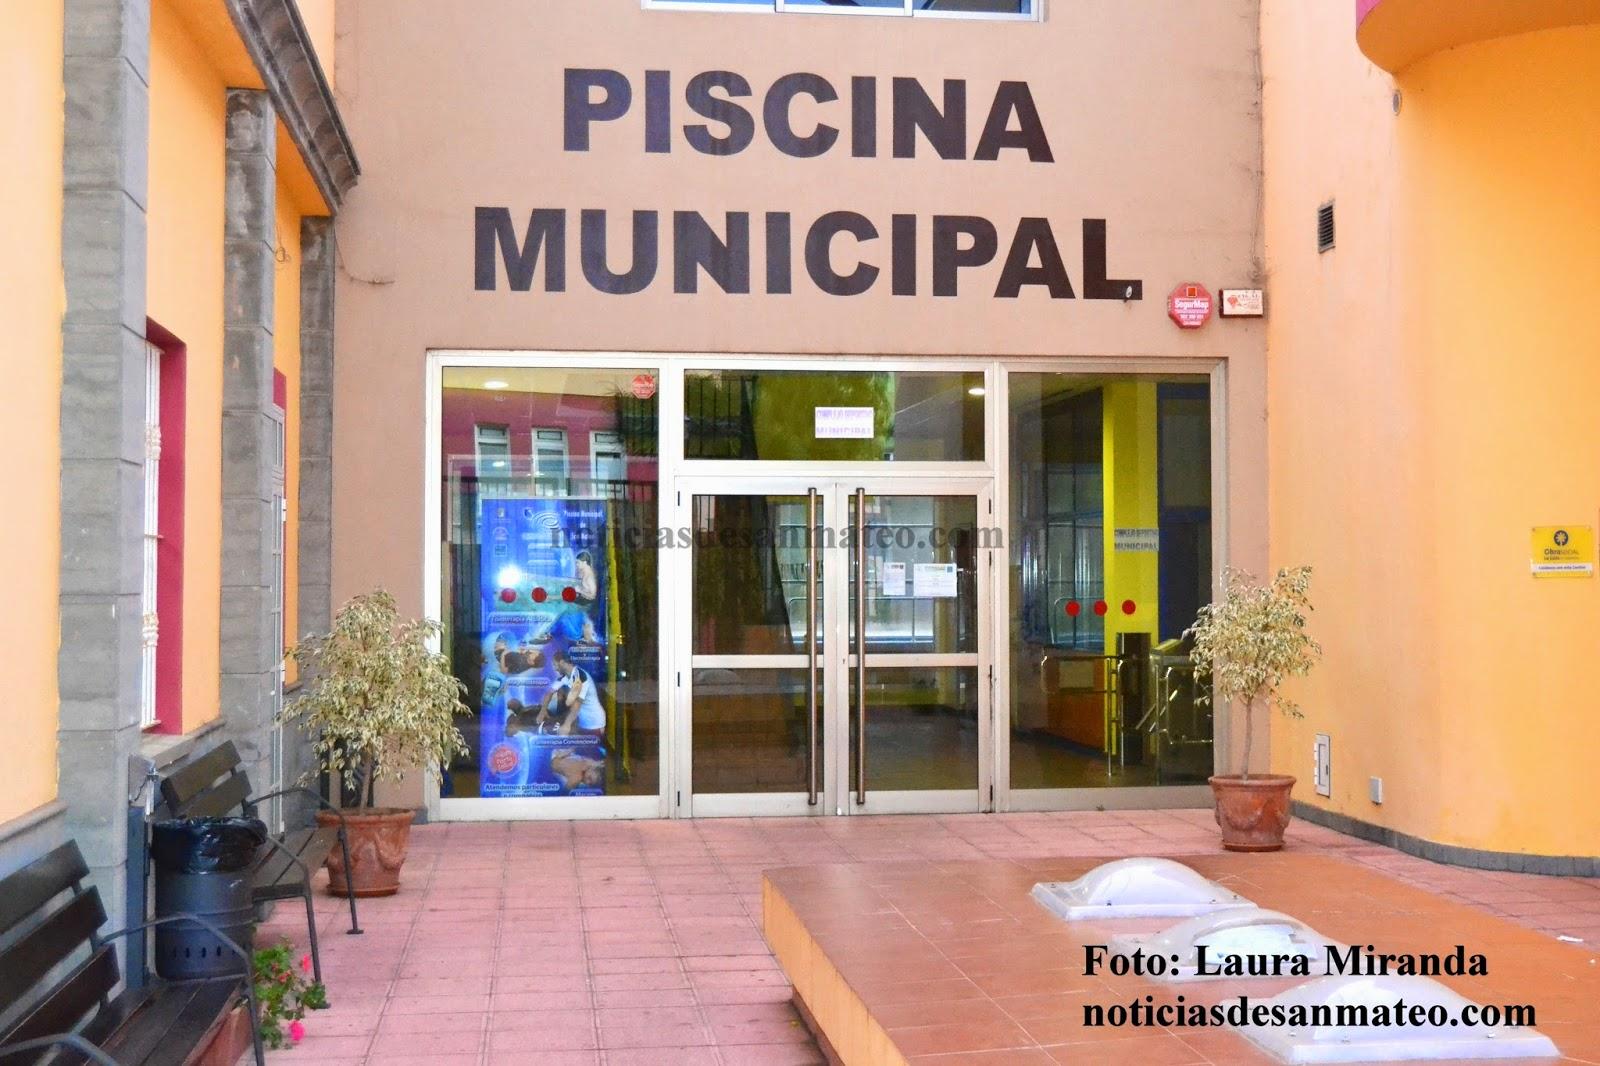 La piscina municipal volver a abrir sus puertas el lunes for Piscina municipal san roque